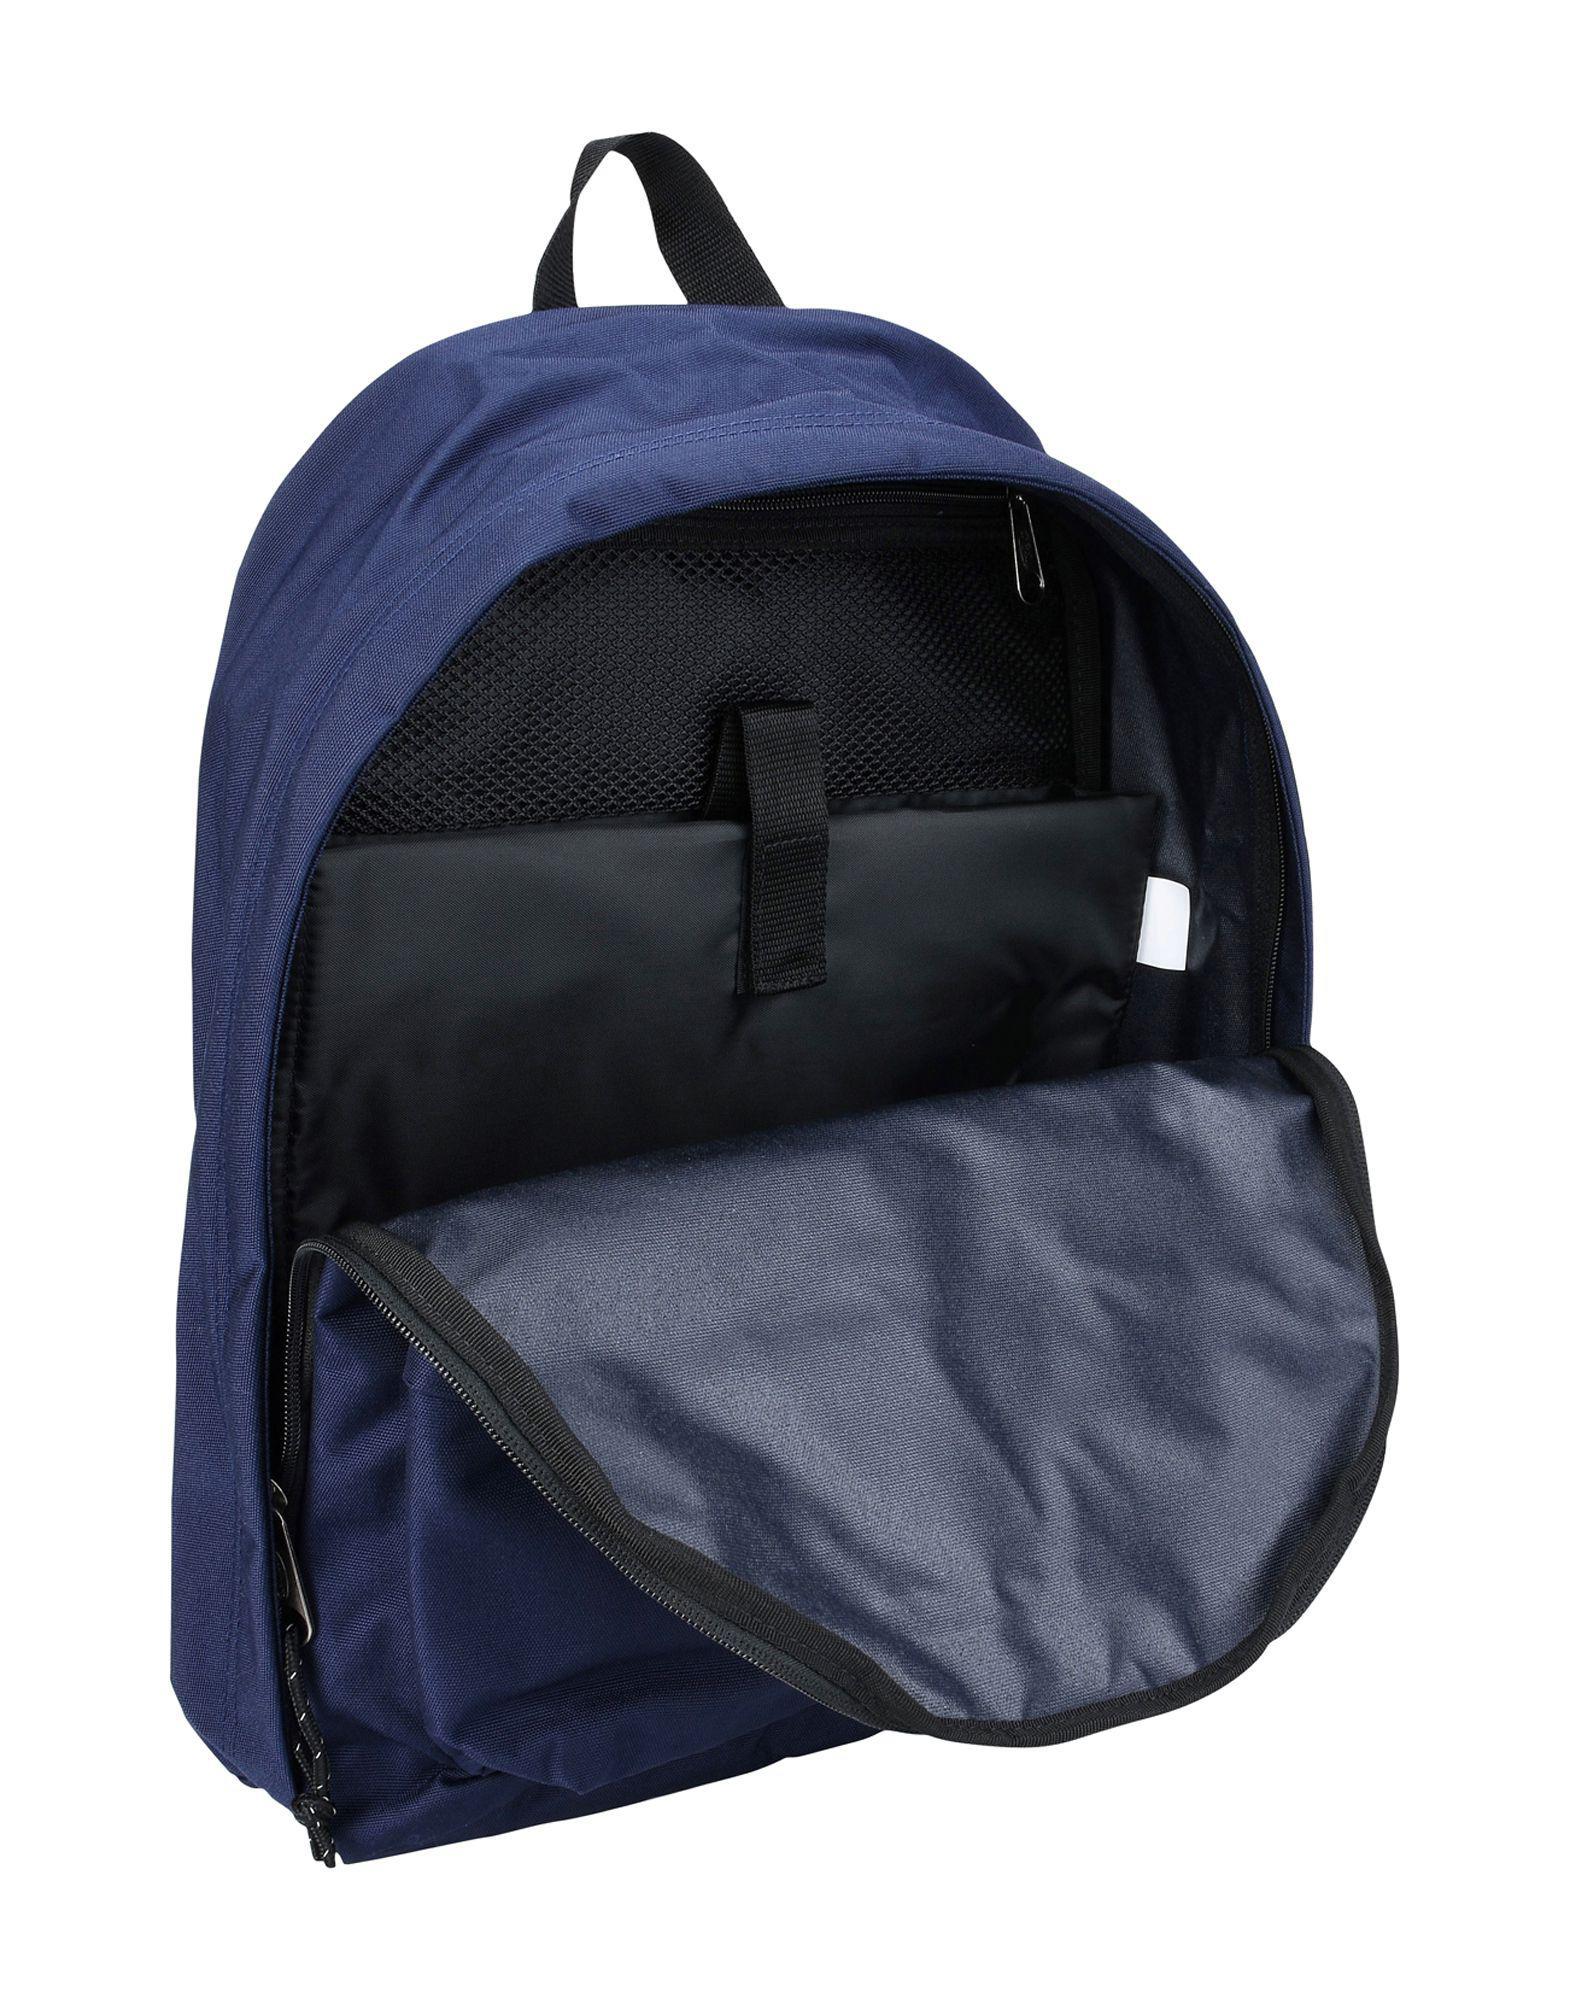 Eastpak Canvas Backpacks & Bum Bags in Dark Blue (Blue)